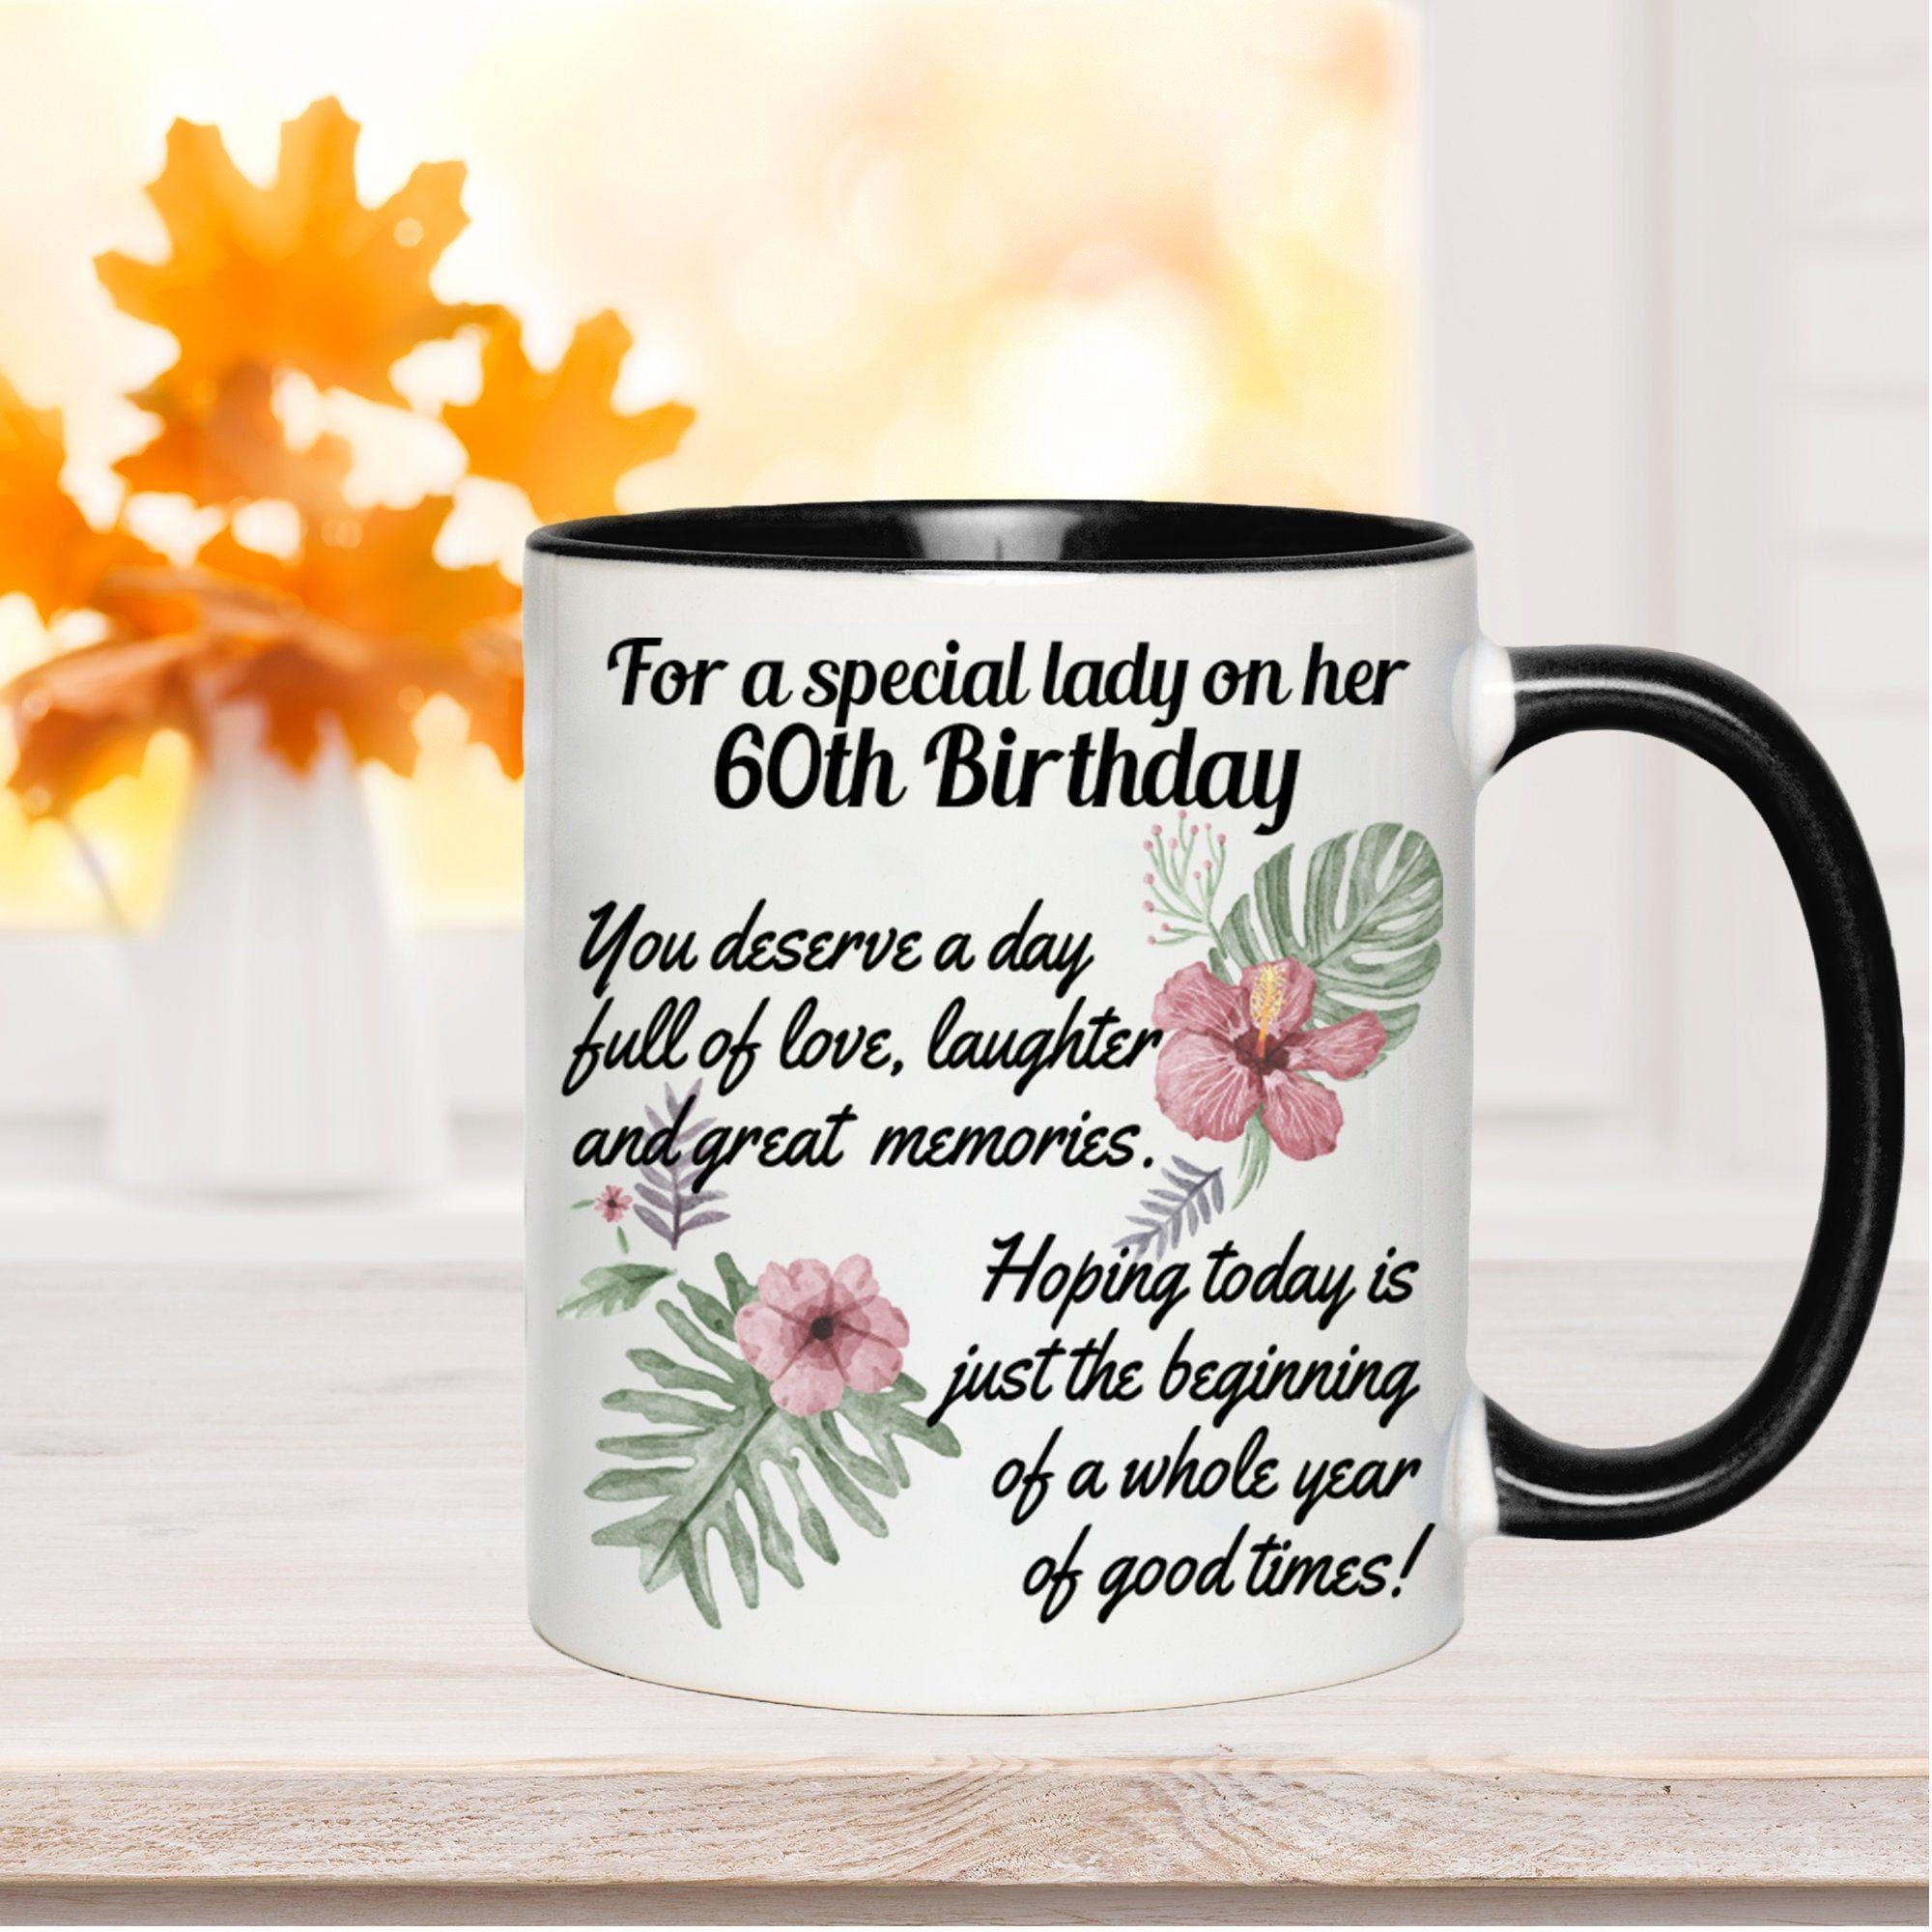 geburtstagsgeschenke zum 60 geburtstag frau originelle geschenke zum 60 geburtstag für frauen lustige geschenke zum 60 geburtstag kaffeetasse personalisiert mit überschrift zum 60 geburtstag